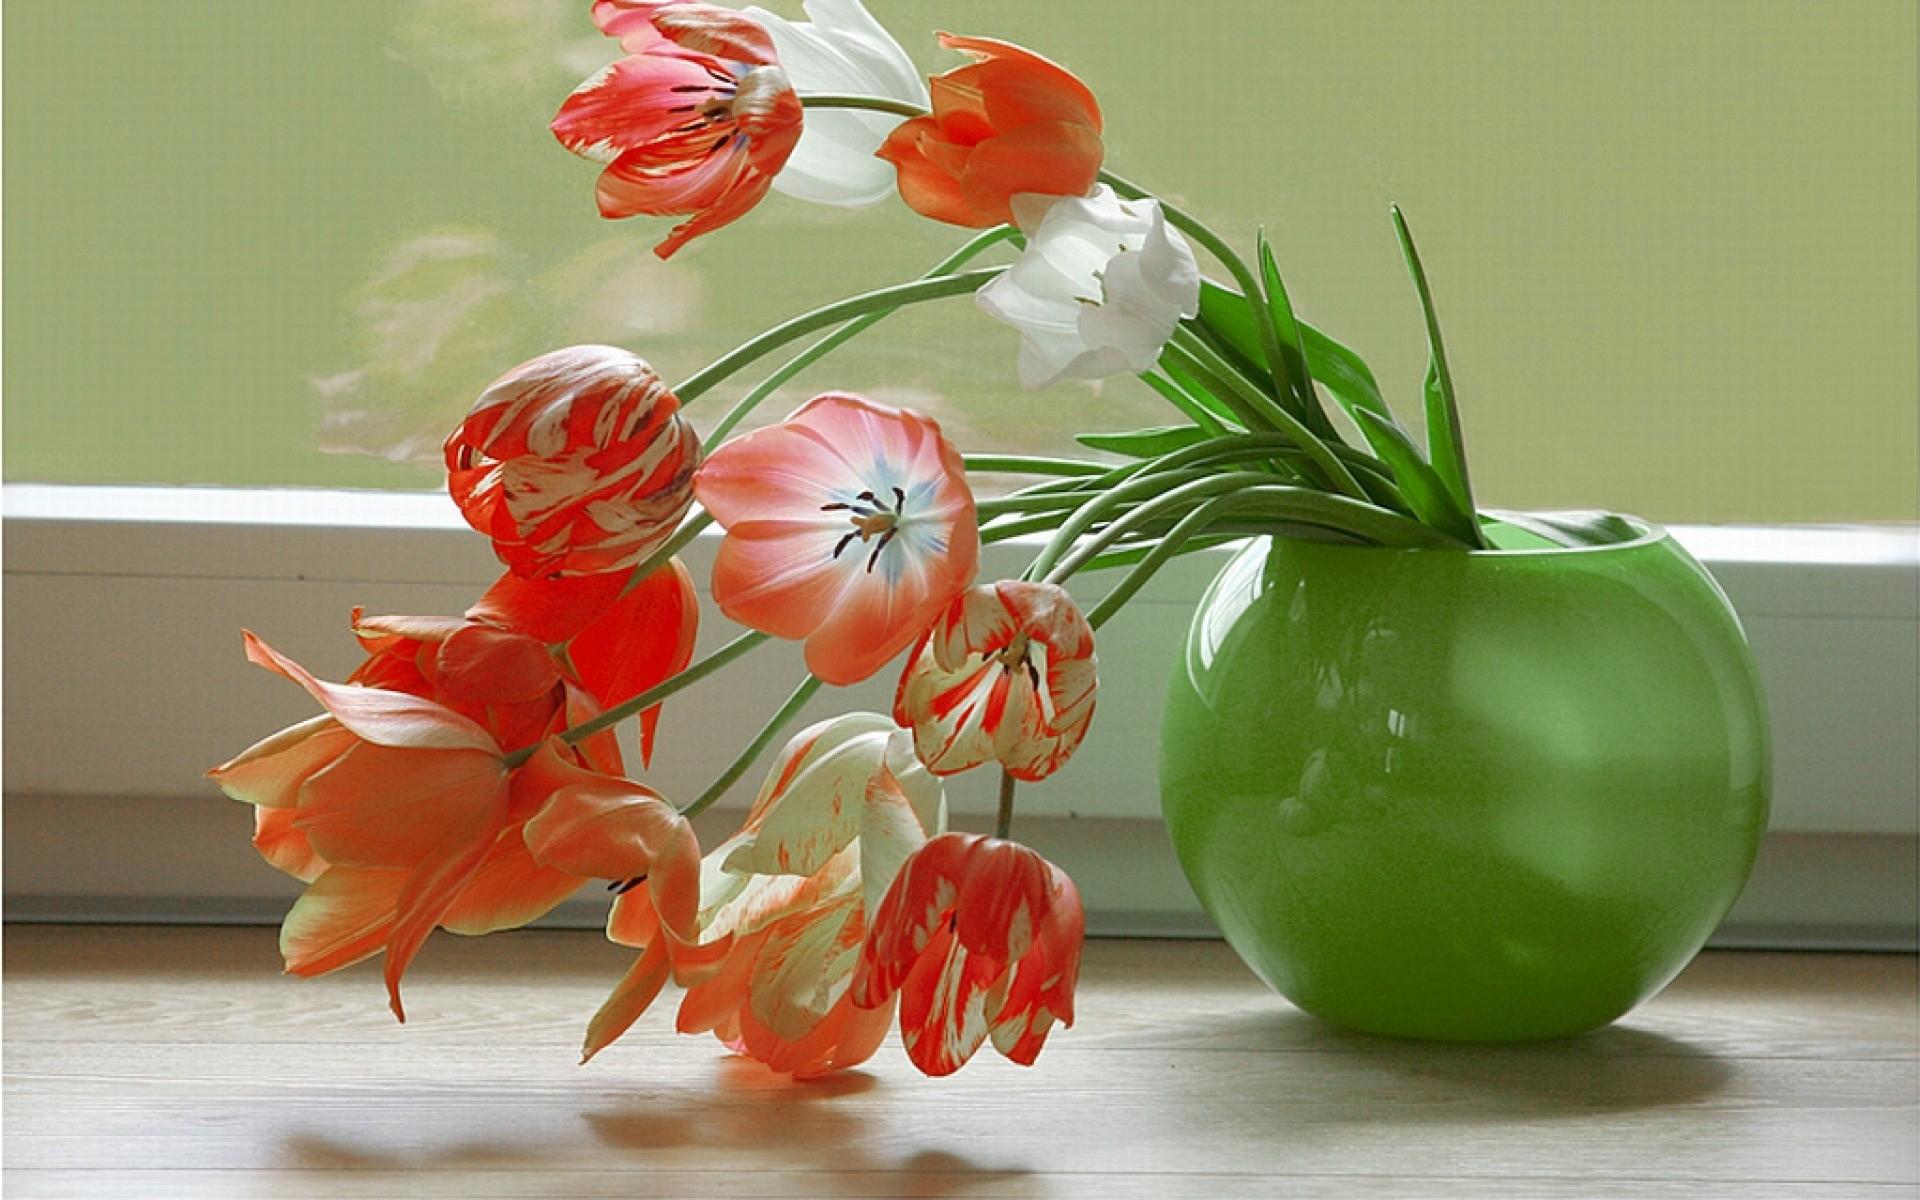 Картинка на рабочий стол цветы в вазе